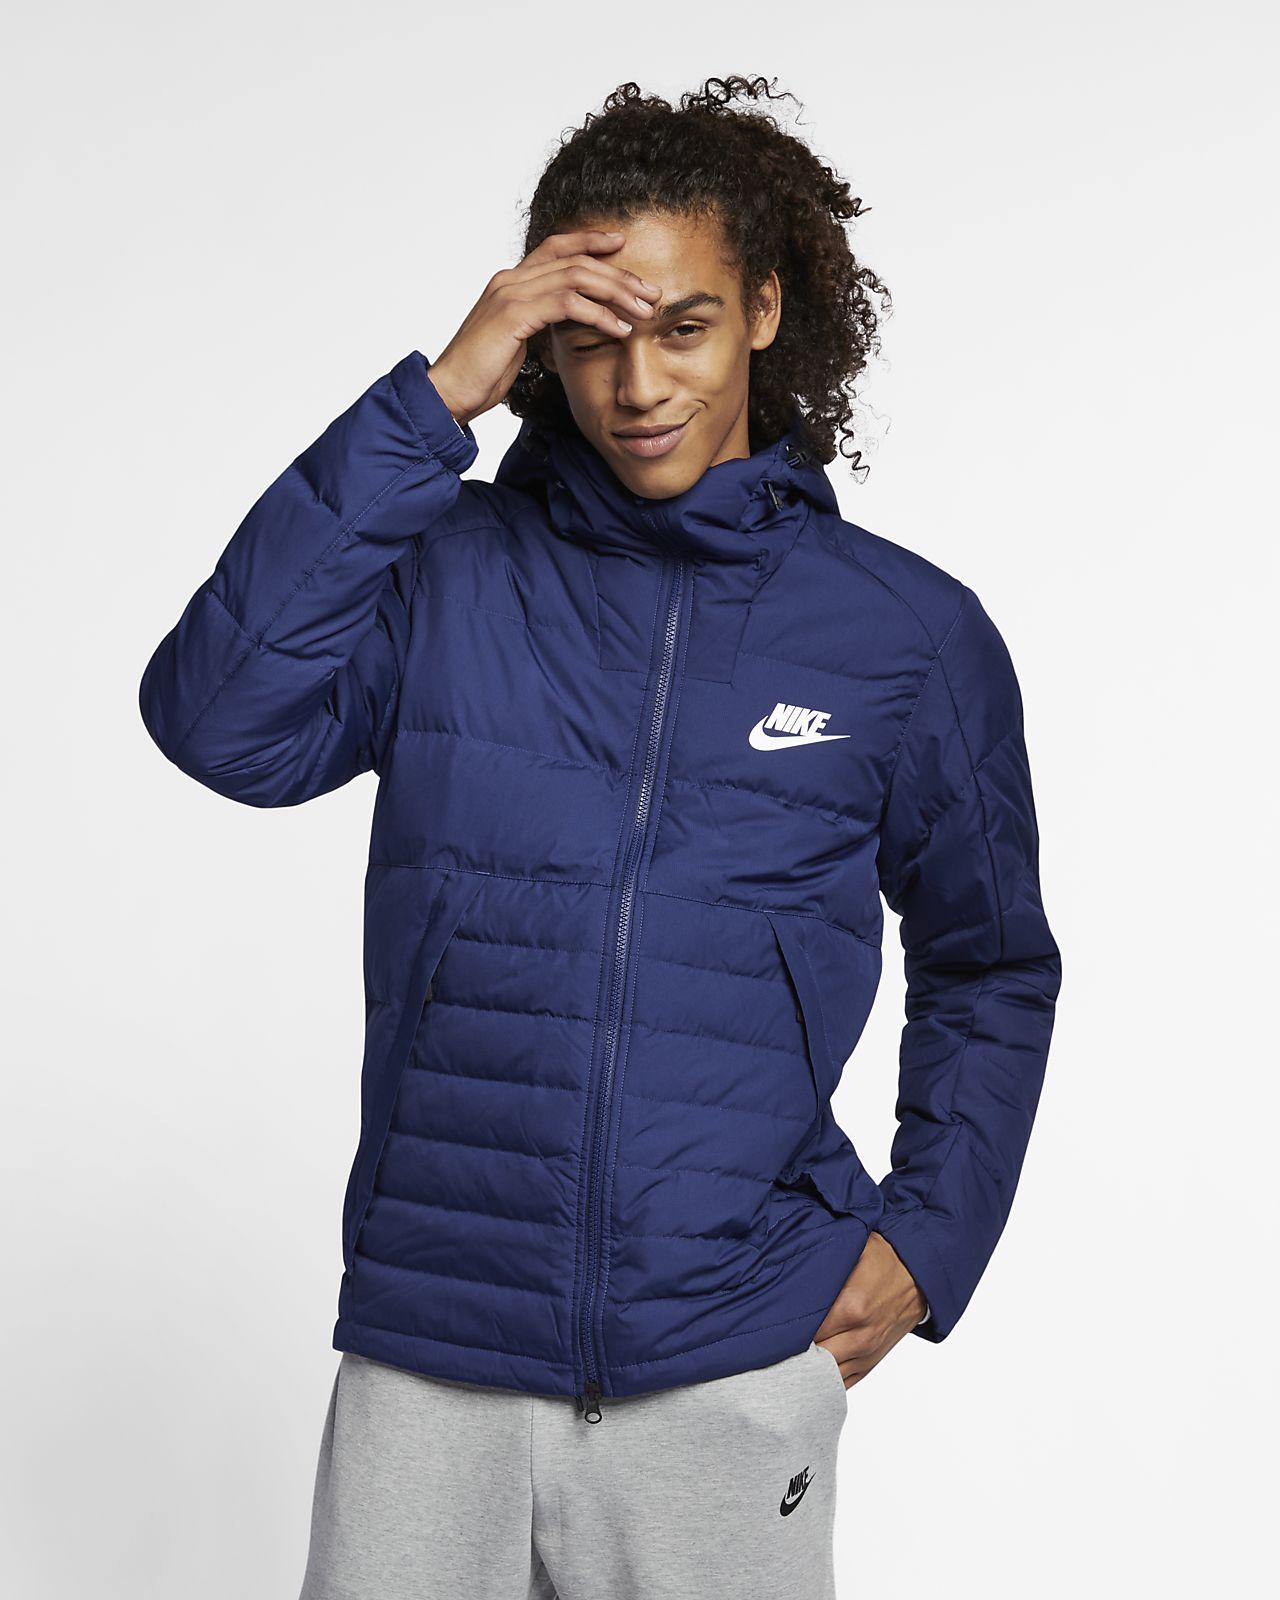 93ab36eb8732 Nike Sportswear Down-Fill Men s Hooded Jacket. Nike.com IE